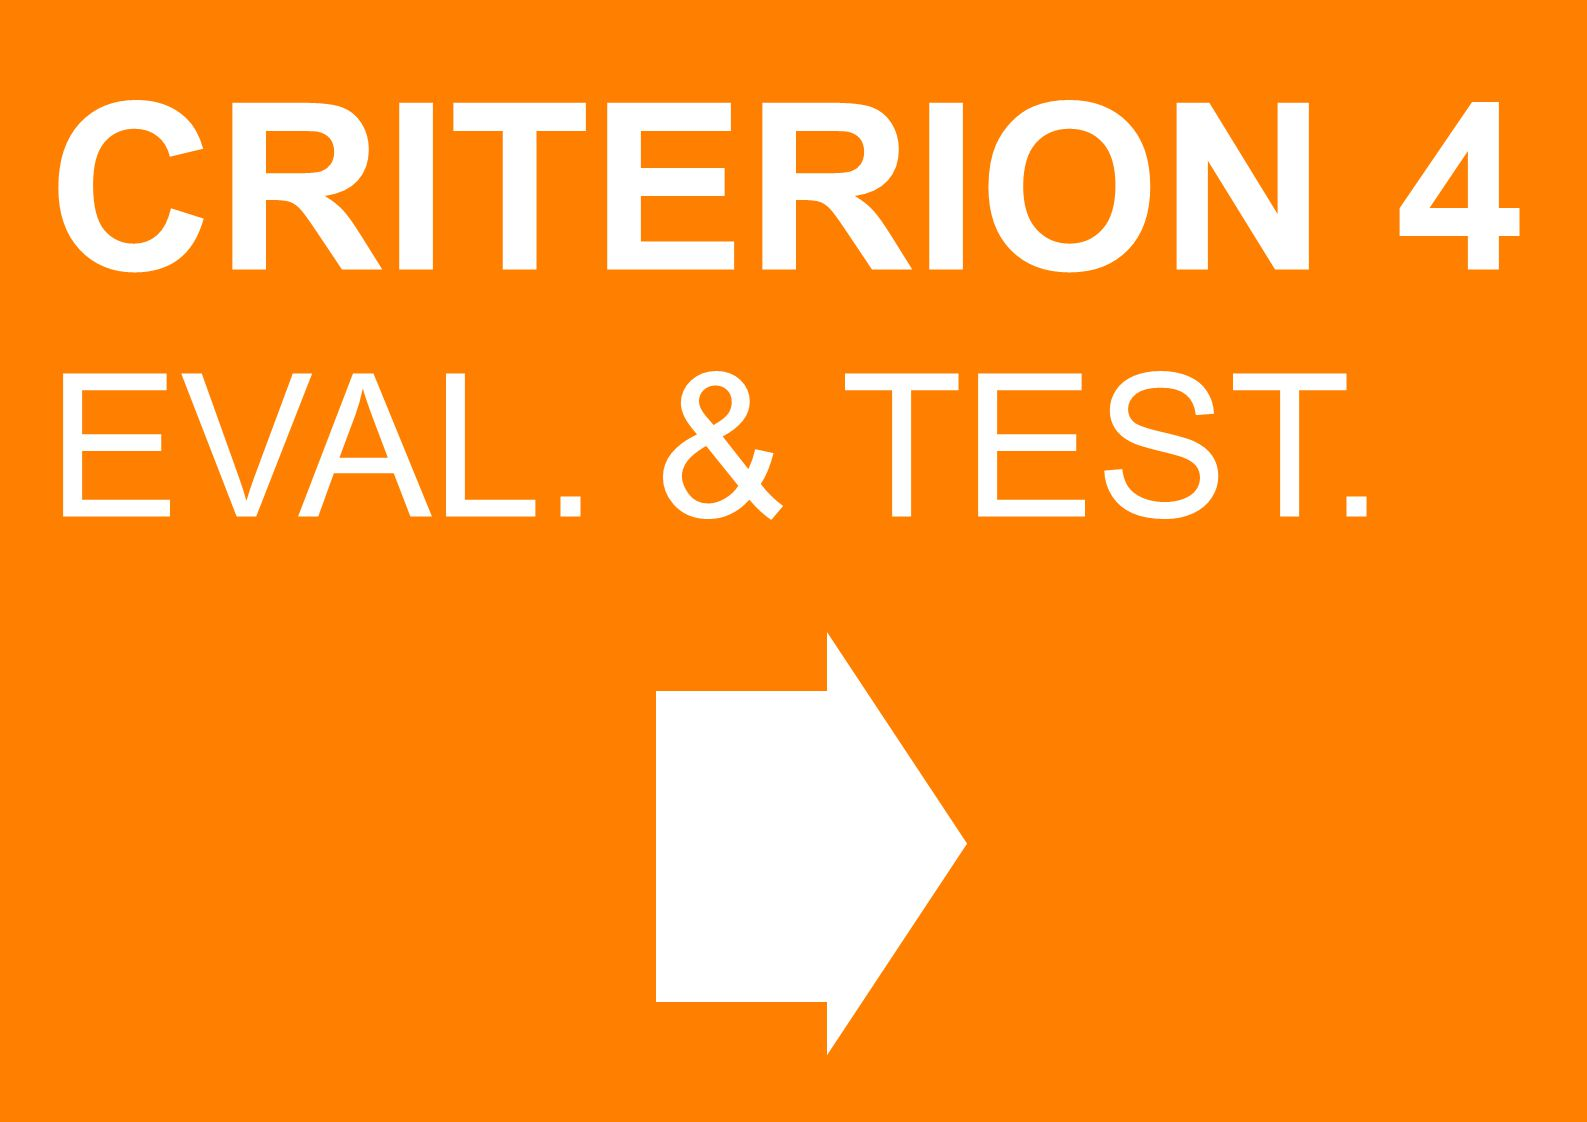 CRITERION 4 EVAL. & TEST.